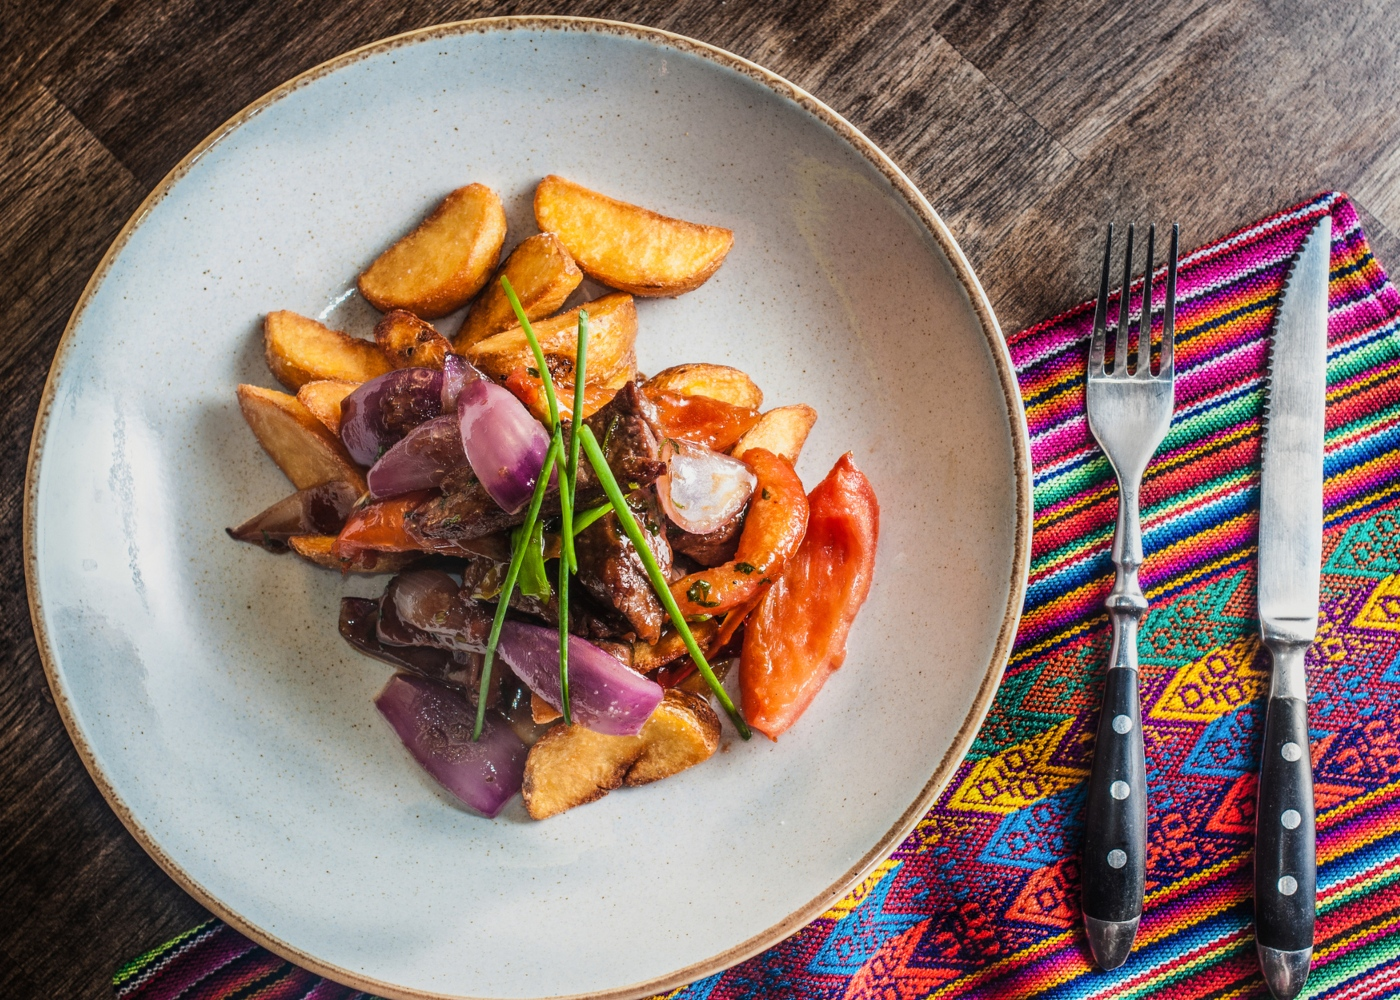 Lomo saltado servido num prato acompanhado com batata e salada